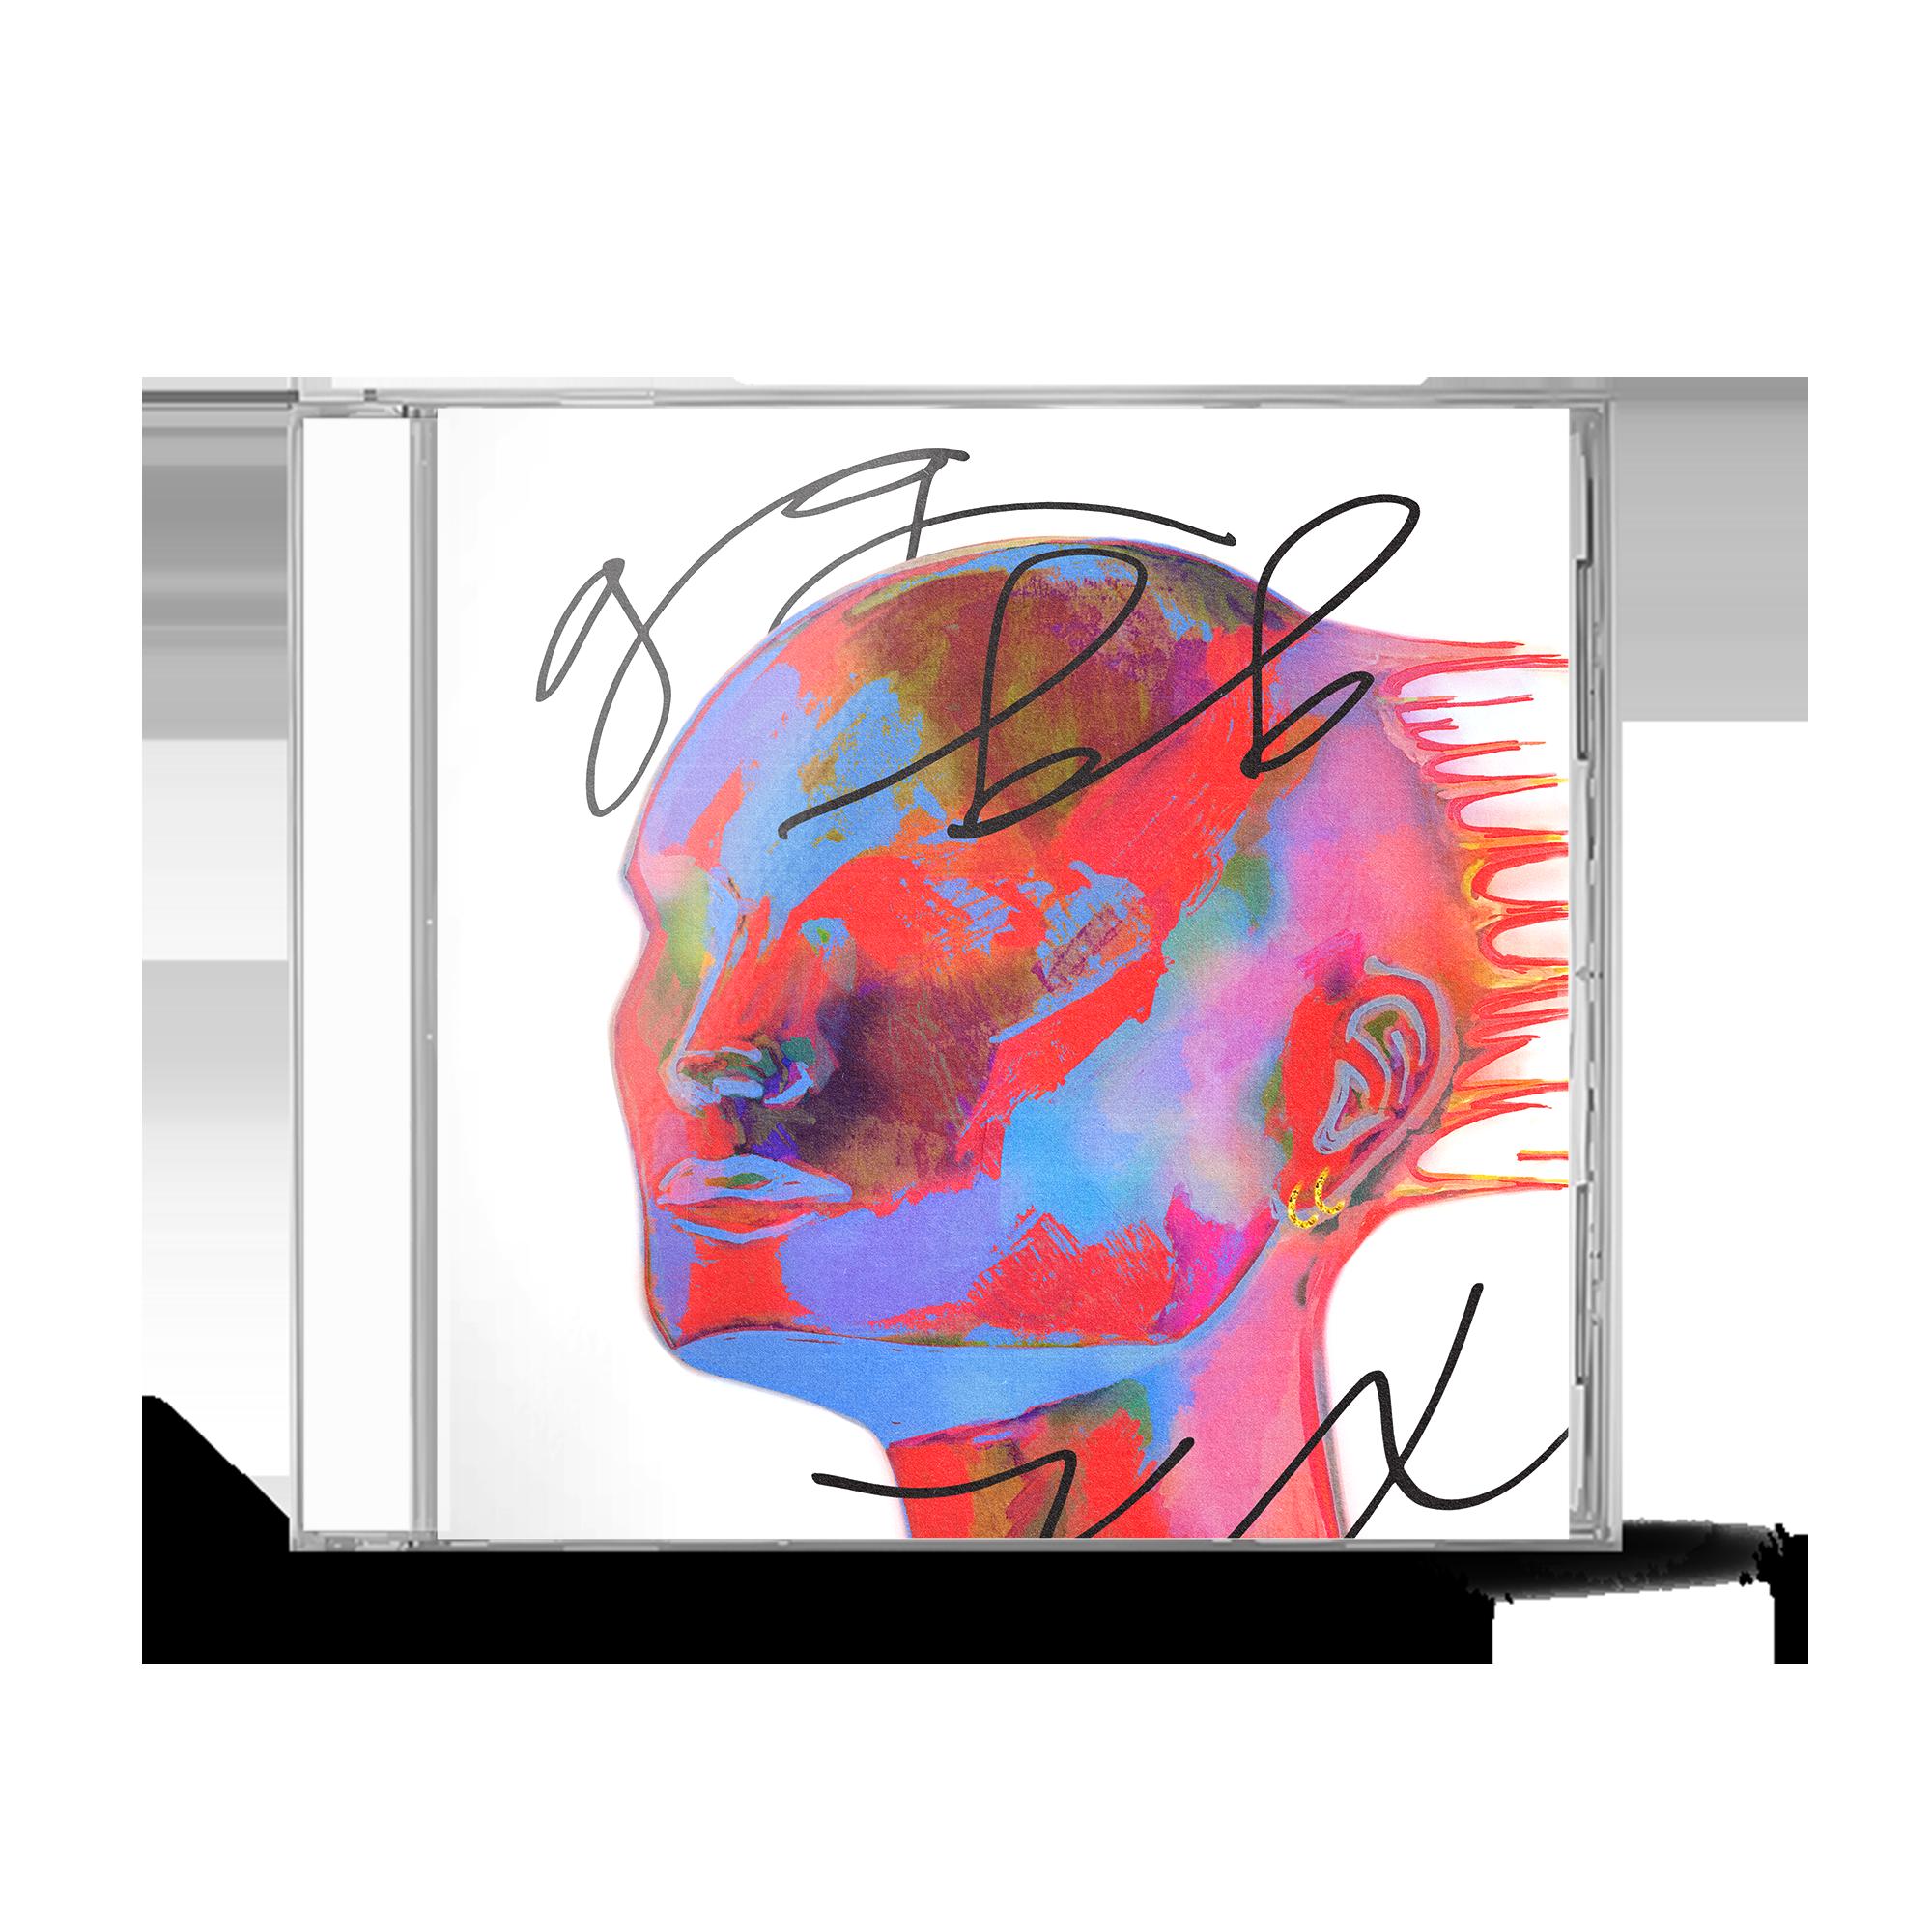 gg bb xx (CD)